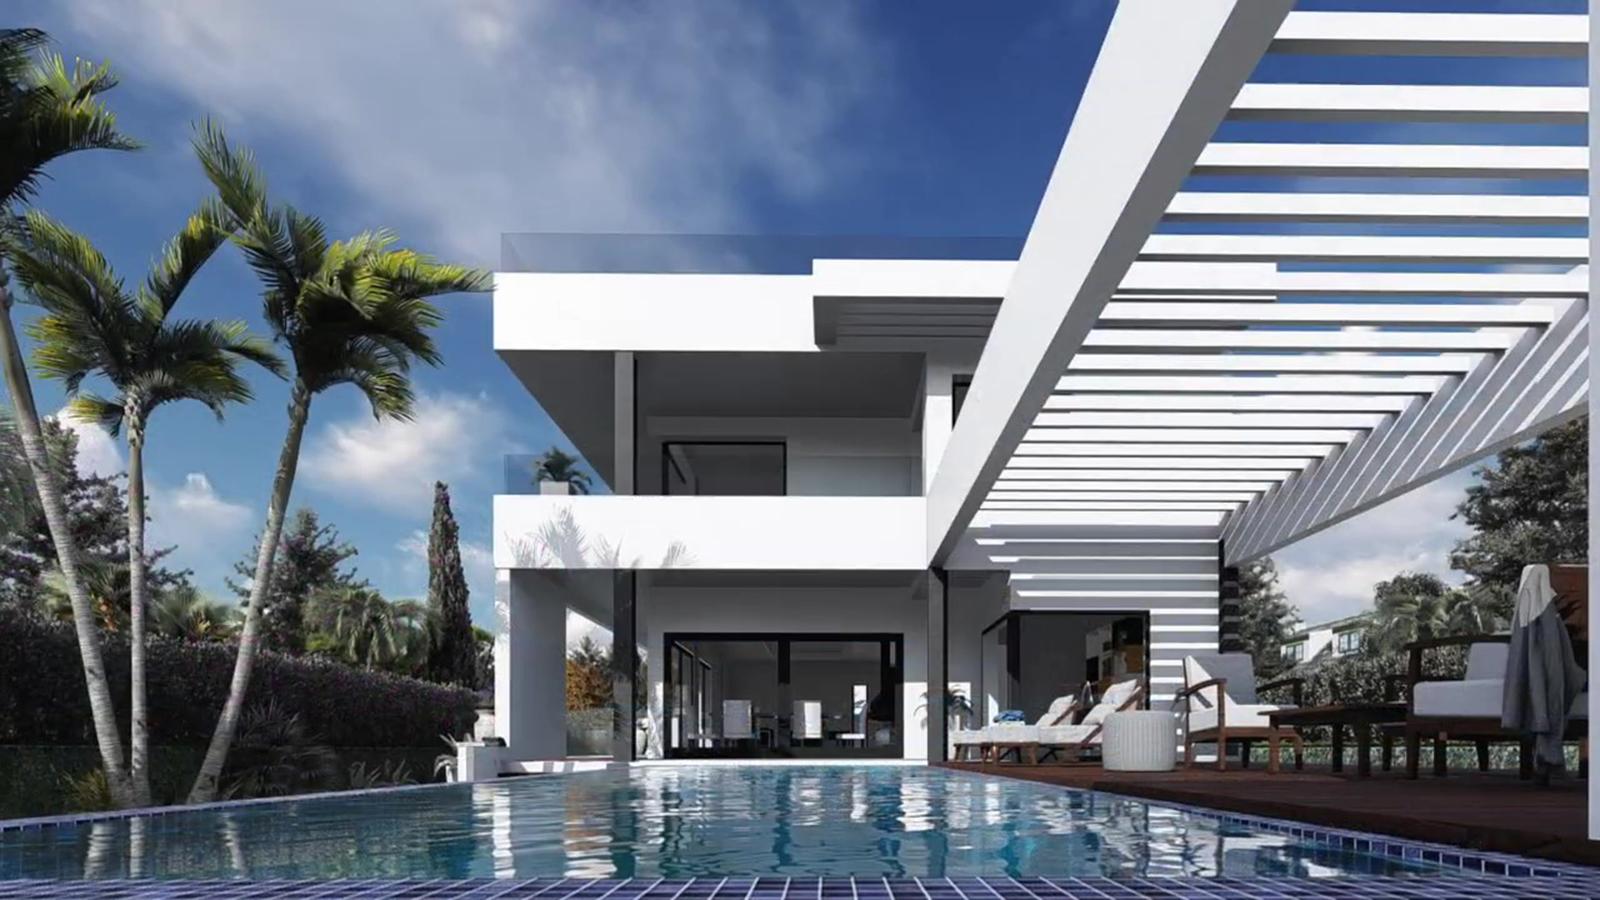 Villa de lujo a 5 min andando de la playa de Benalmádena y Puerto Marina